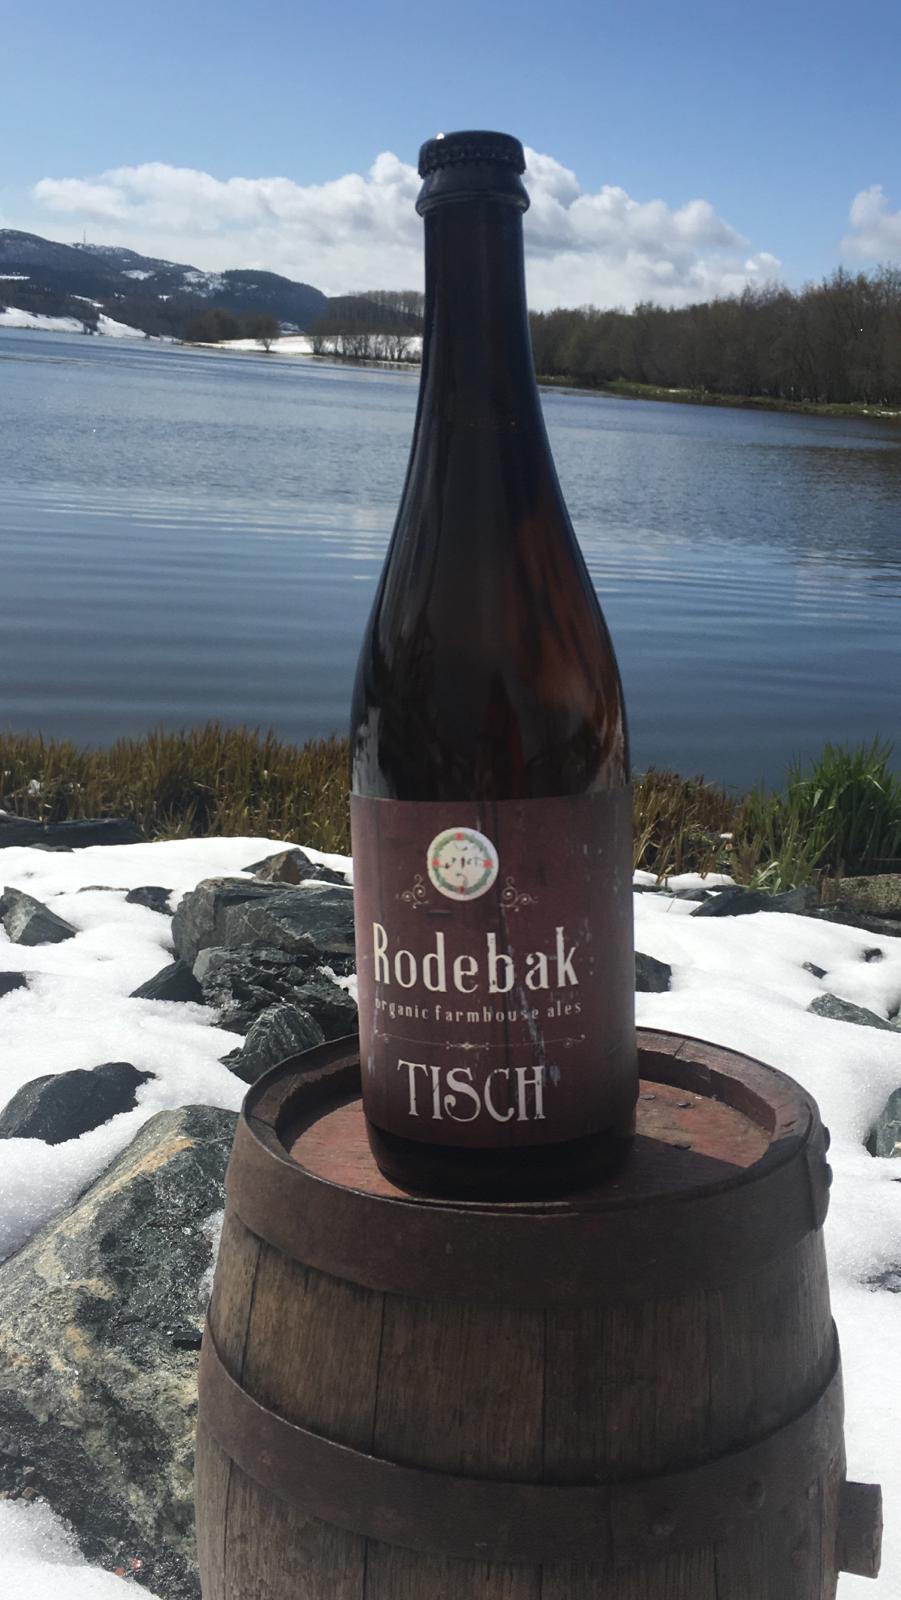 Tisch - Rodebak - 750ml